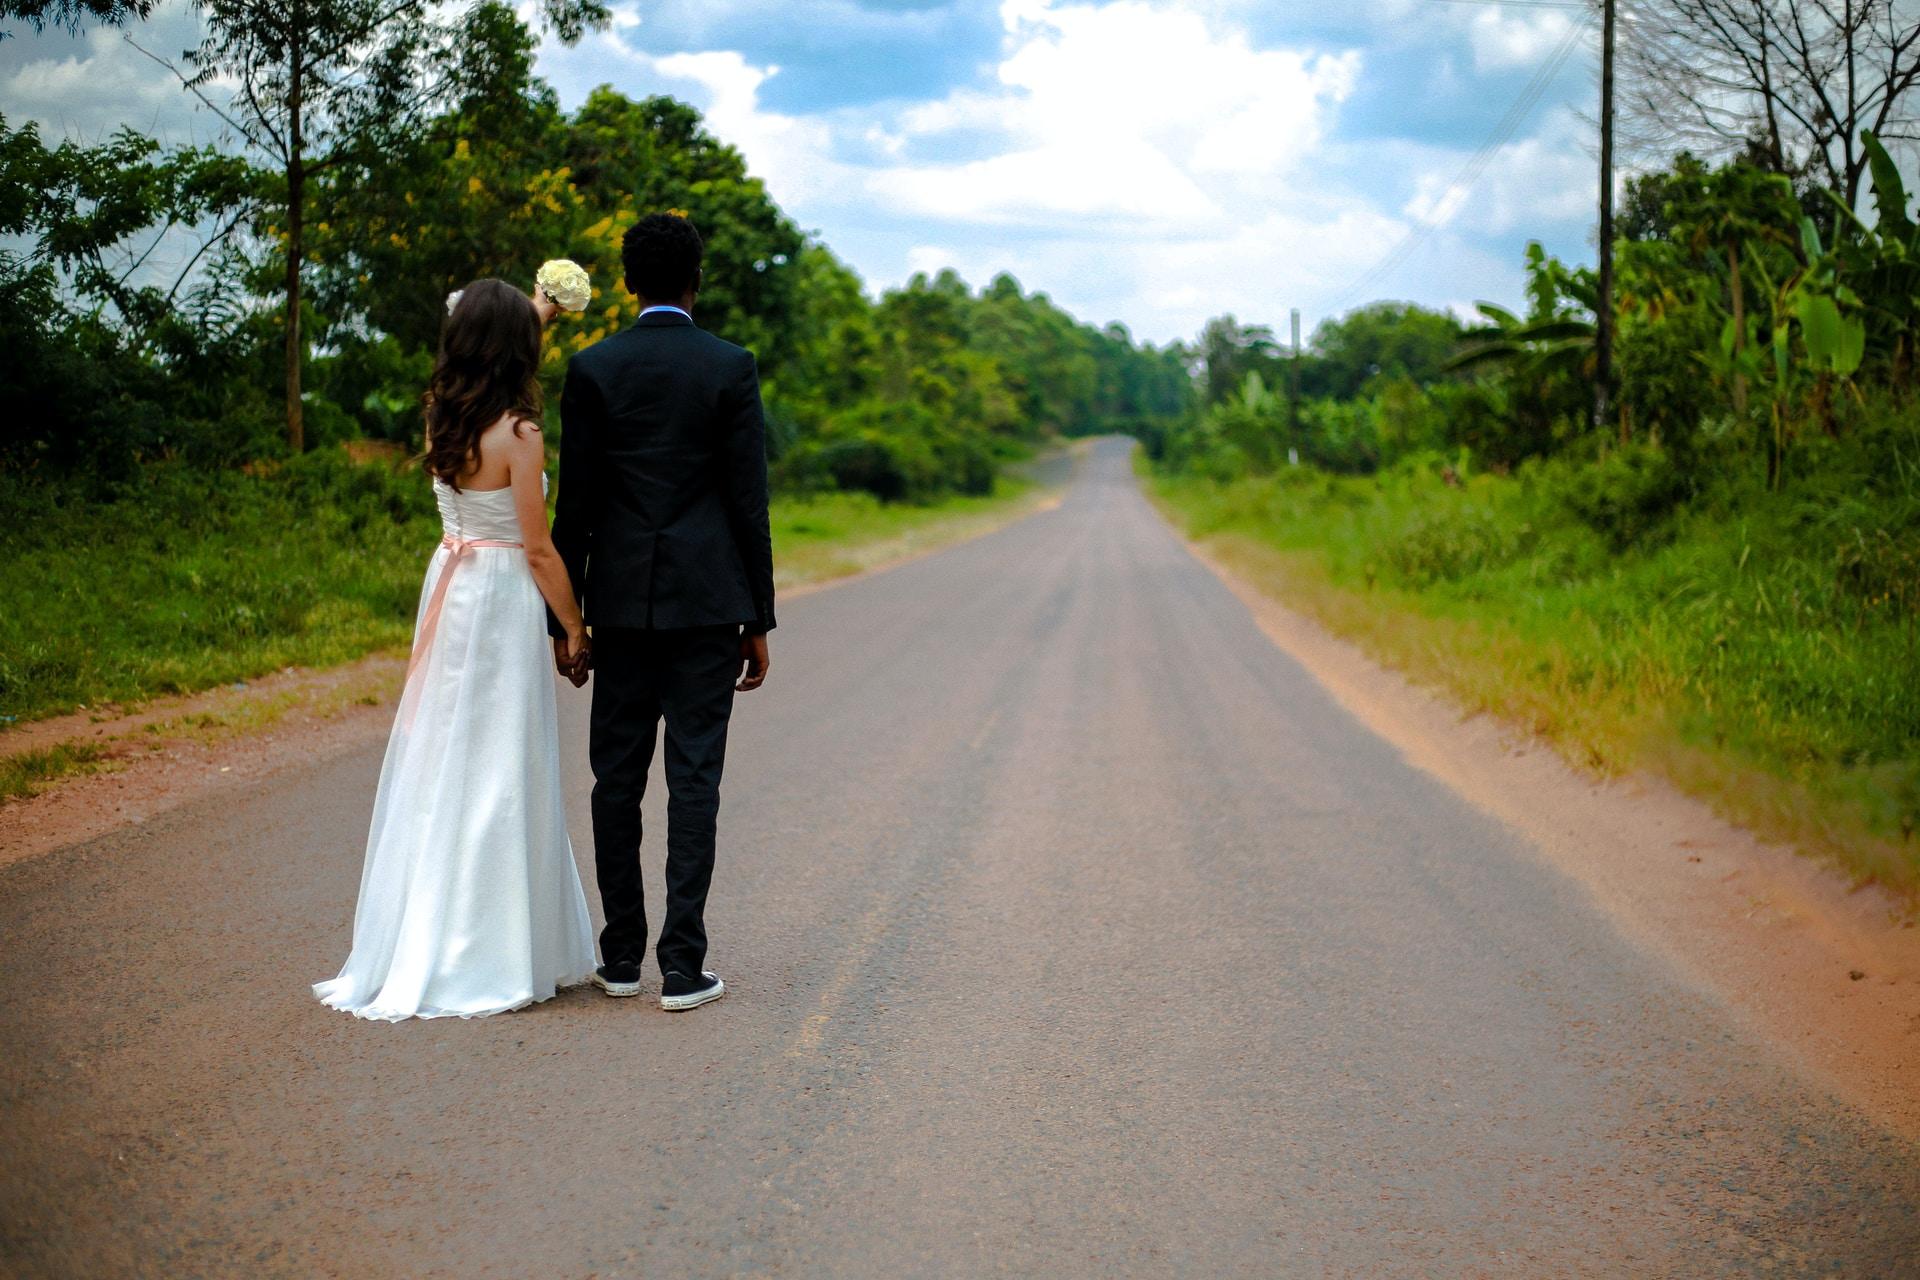 γάμος μακρυά απο όλους